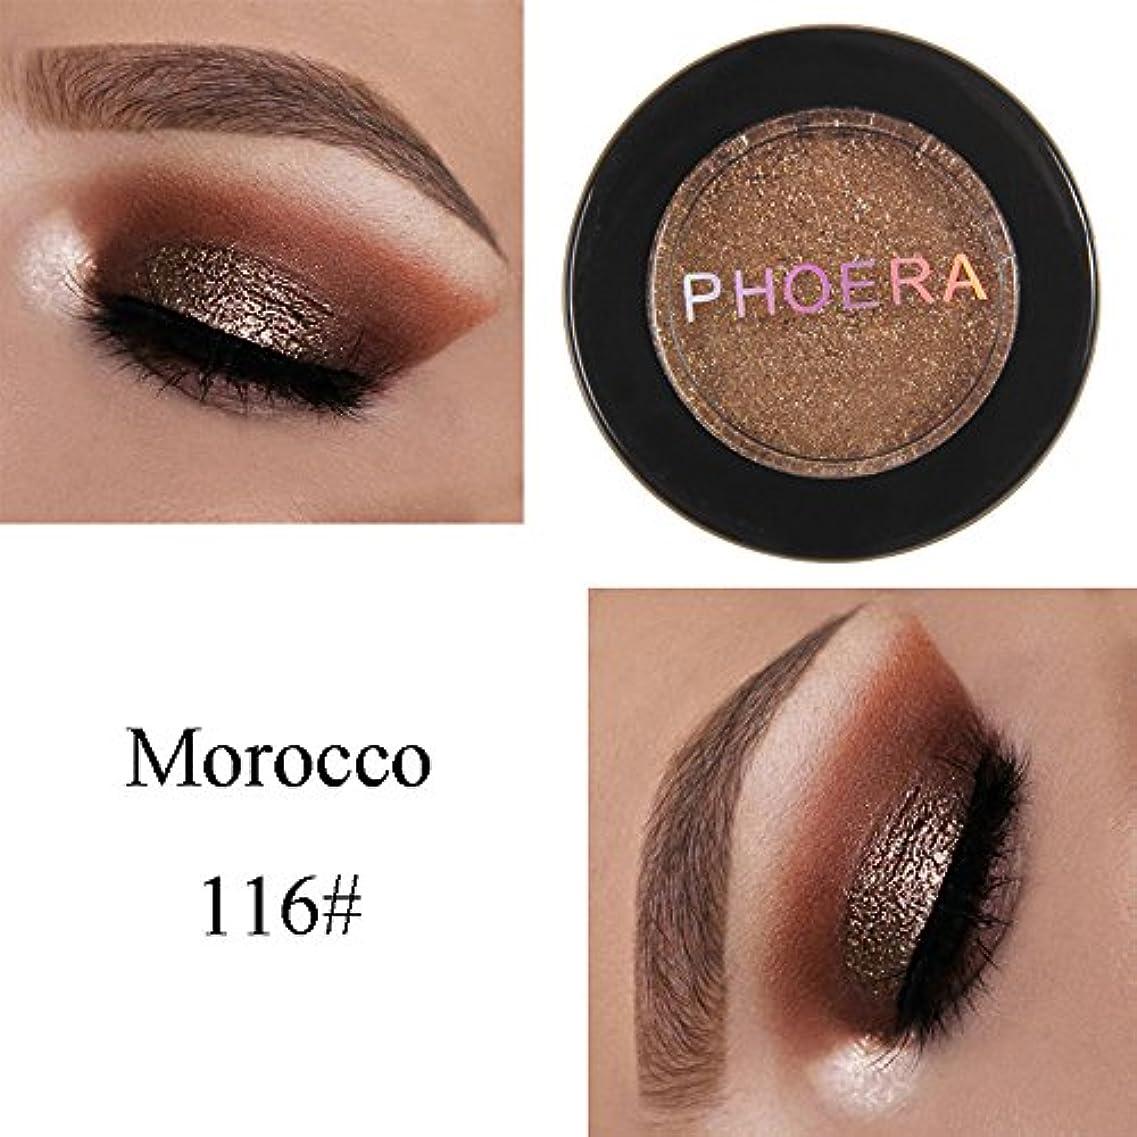 文明組み合わせる嬉しいですAkane アイシャドウパレット PHOERA ファッション 高級 美しい ひとつだけ 単なる 魅力的 キラキラ メタリック 綺麗 素敵 持ち便利 日常 Eye Shadow (24色)